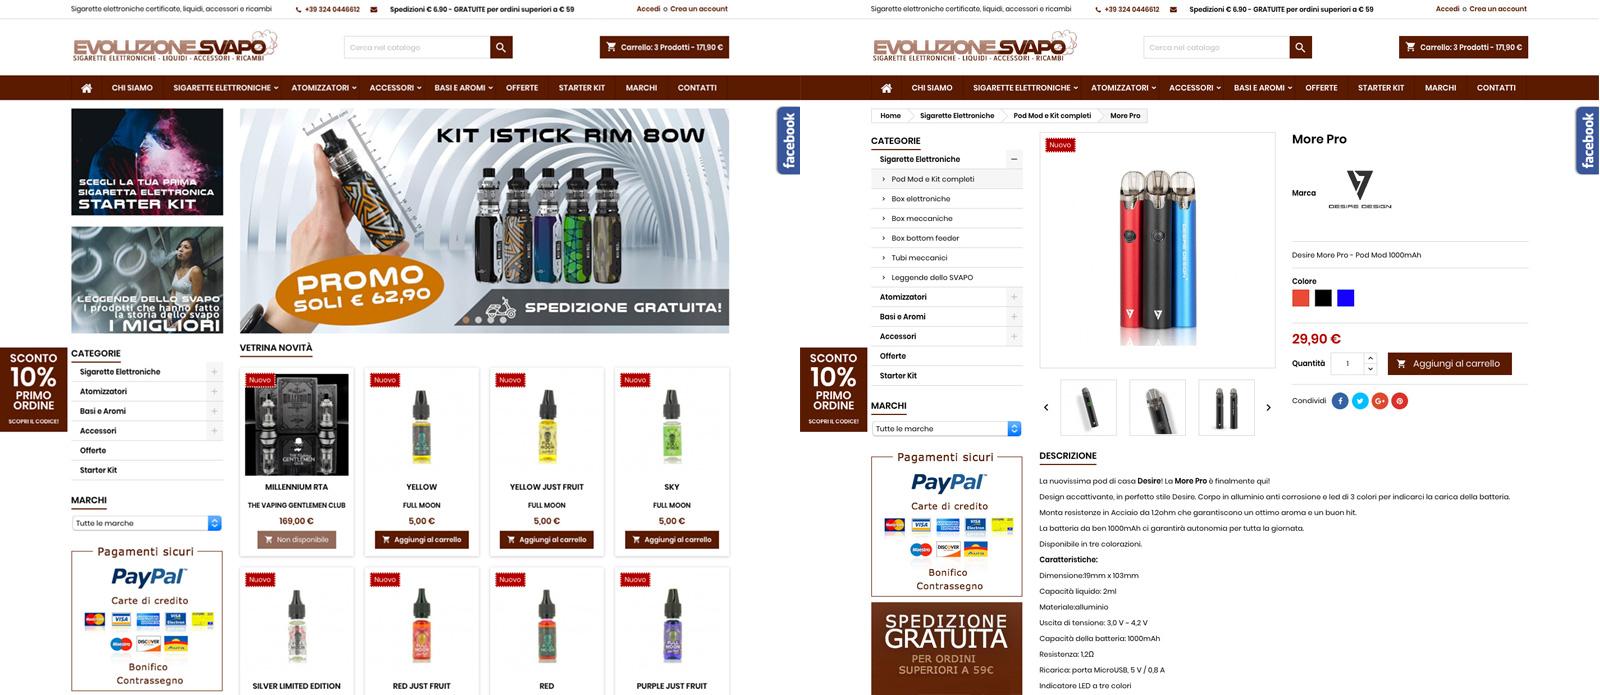 sviluppo-ecommerce-sigarette-elettroniche-evoluzione-svapo-rimini